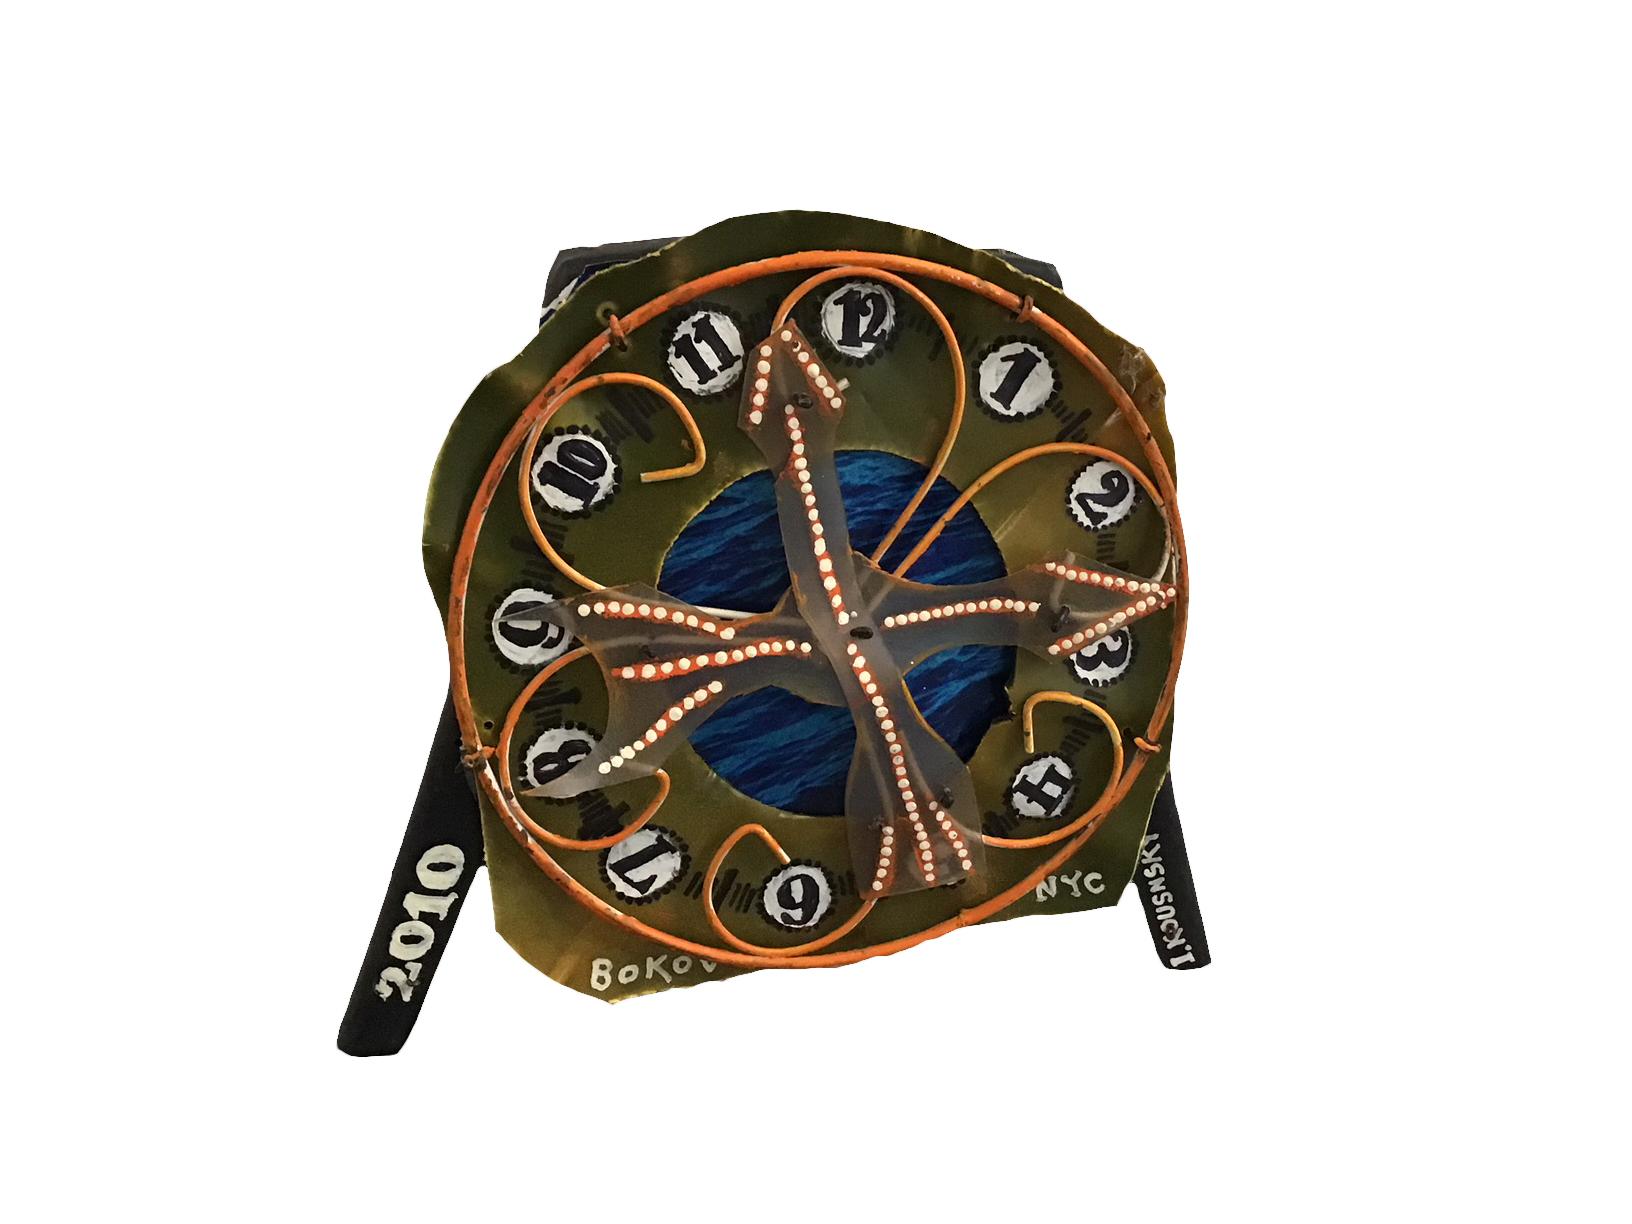 Ocean Time Clock